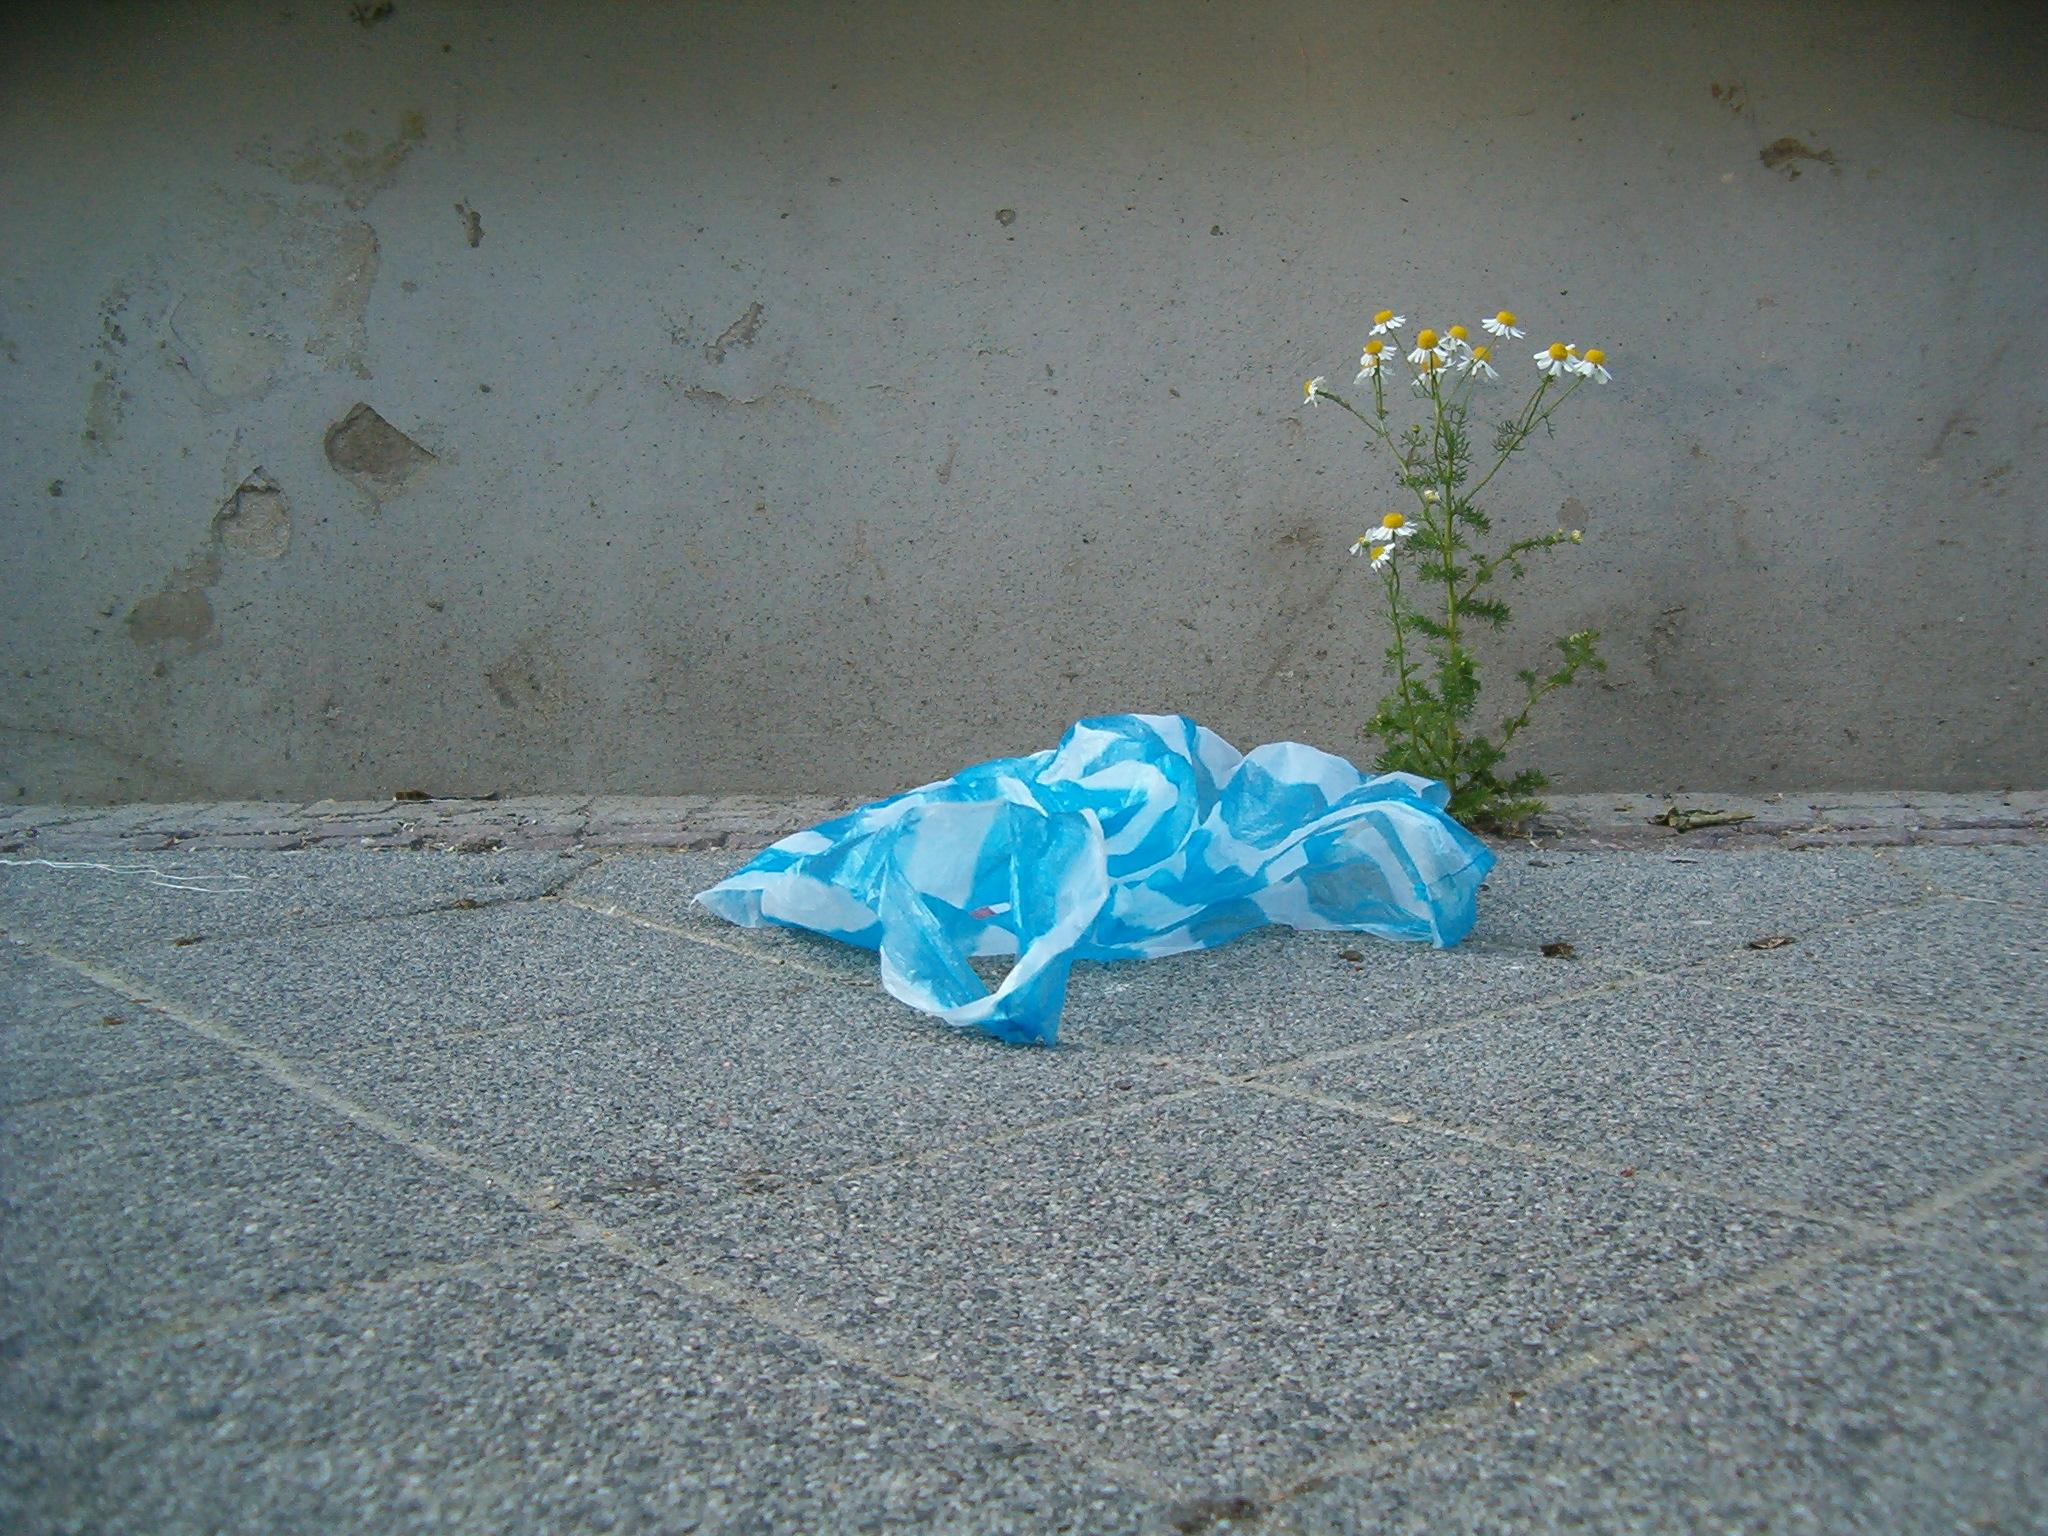 Der Umwelt zuliebe sollen Plastiktüten in Deutschland bald nicht mehr gratis vergeben werden dürfen.